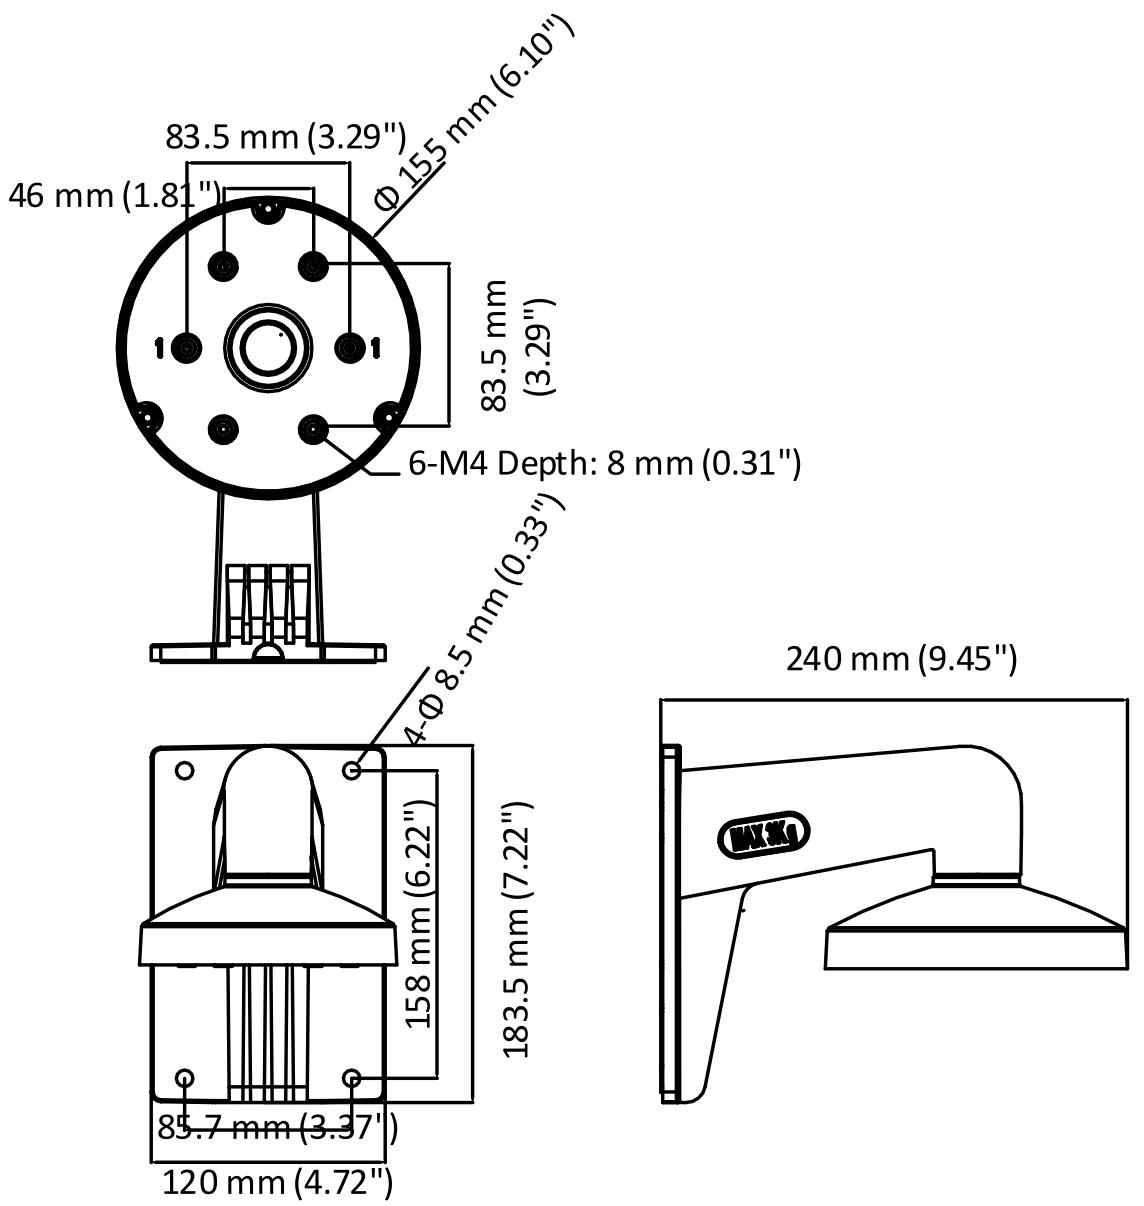 DS-1473ZJ-155 - Wymiary uchwytu podane w mm.